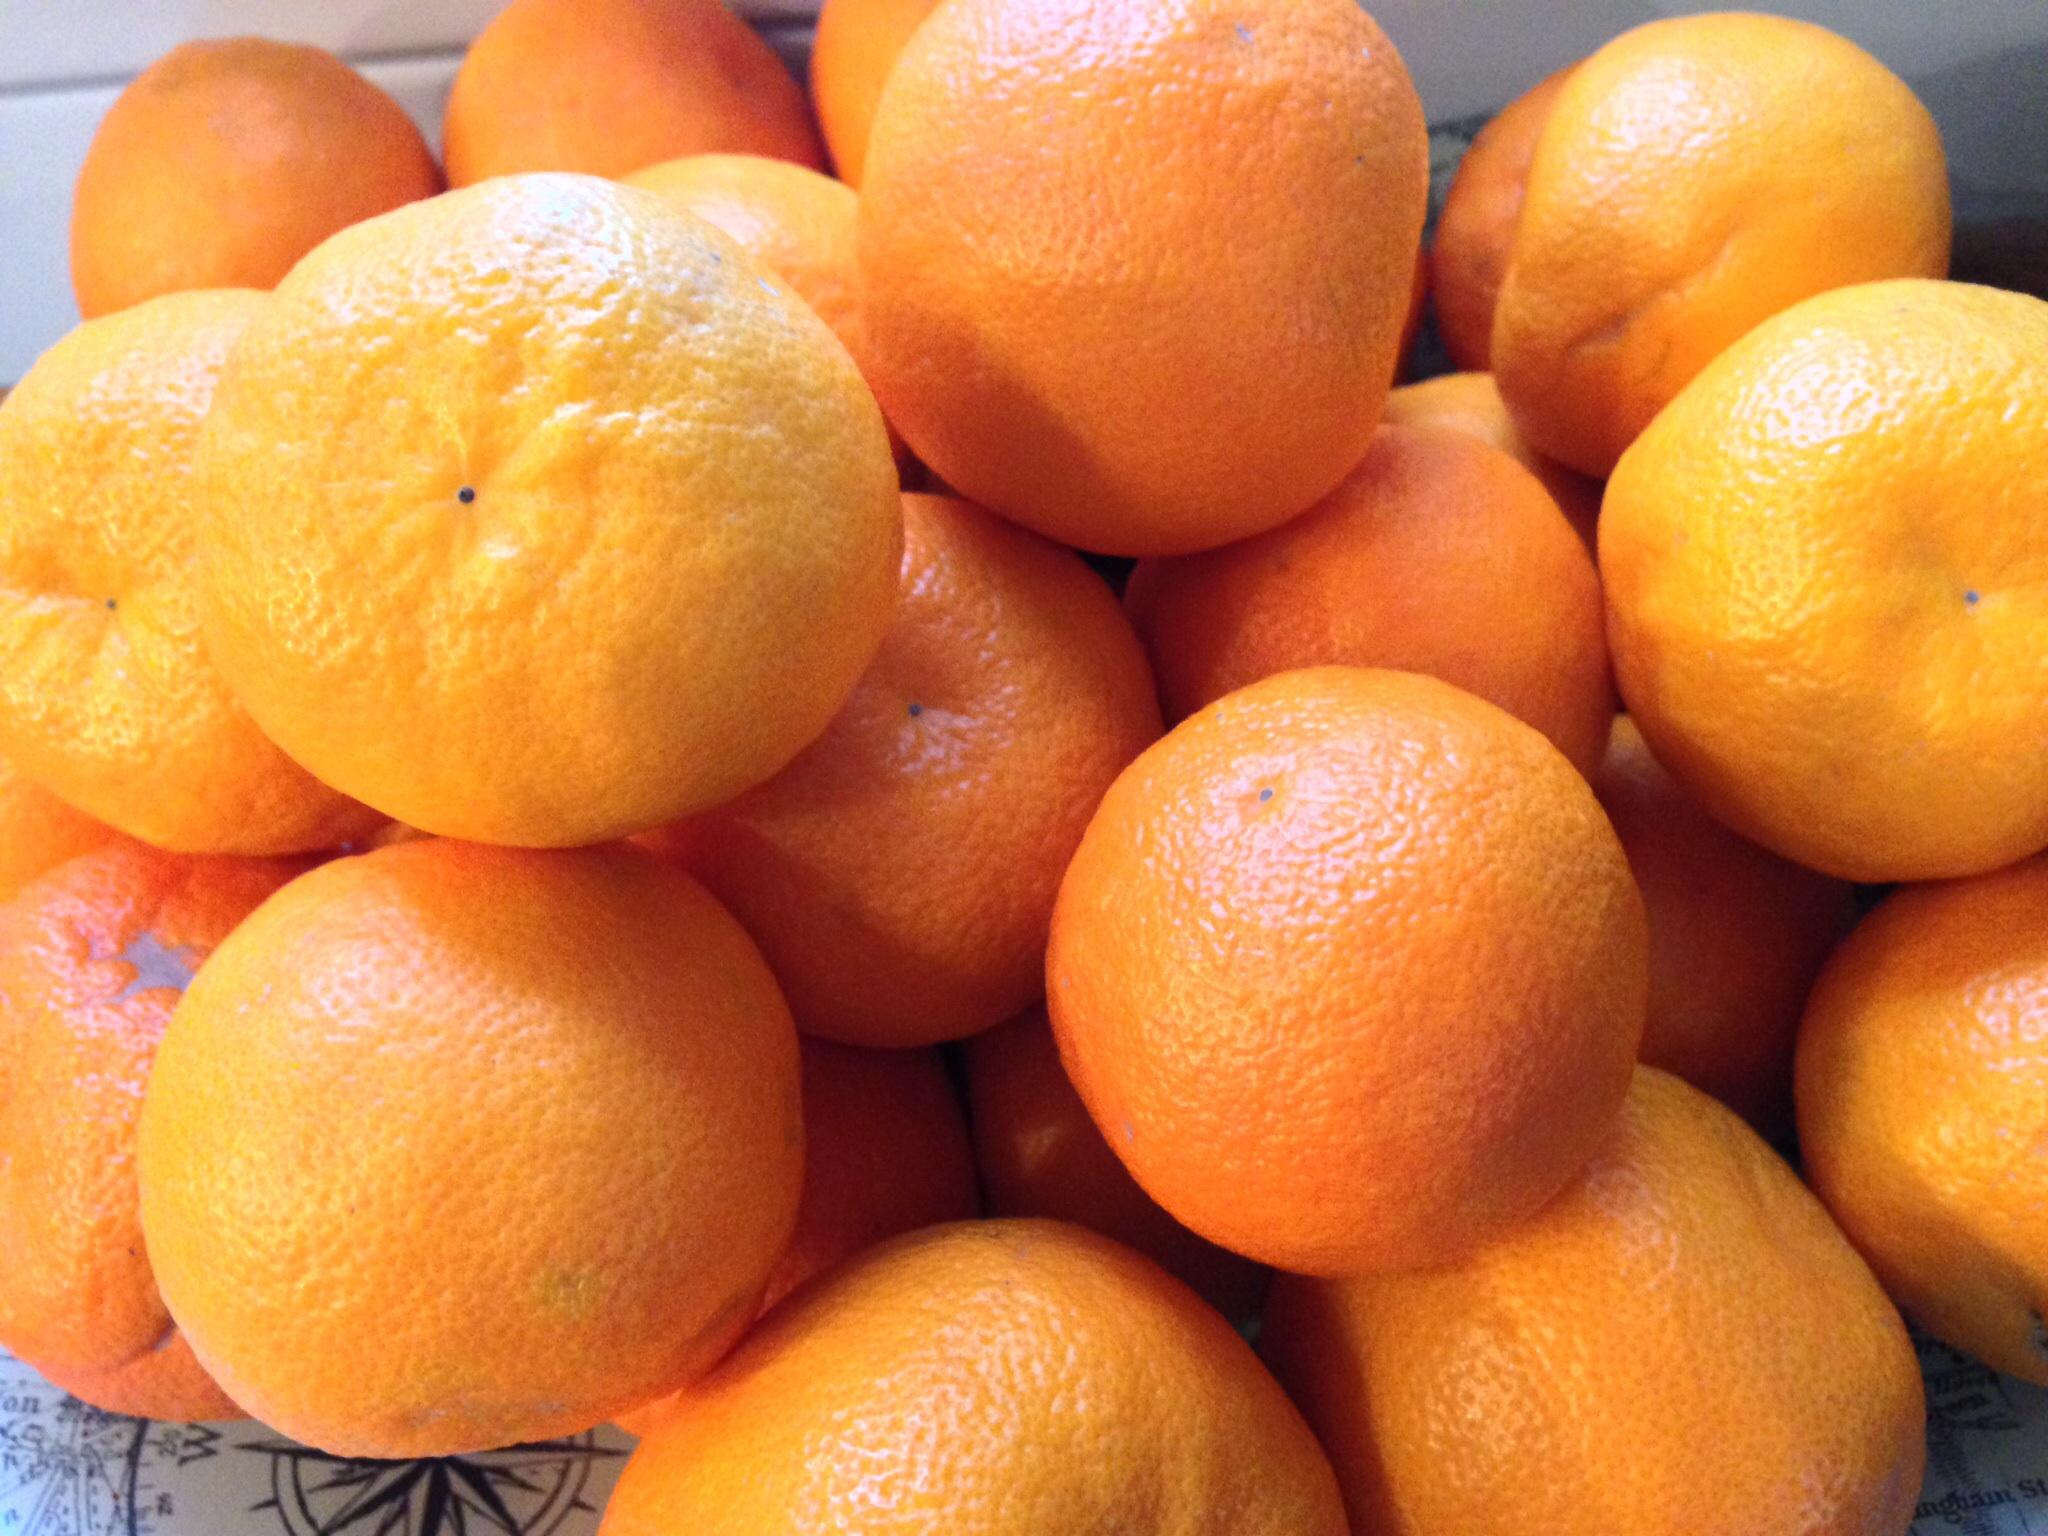 Seville oranges.